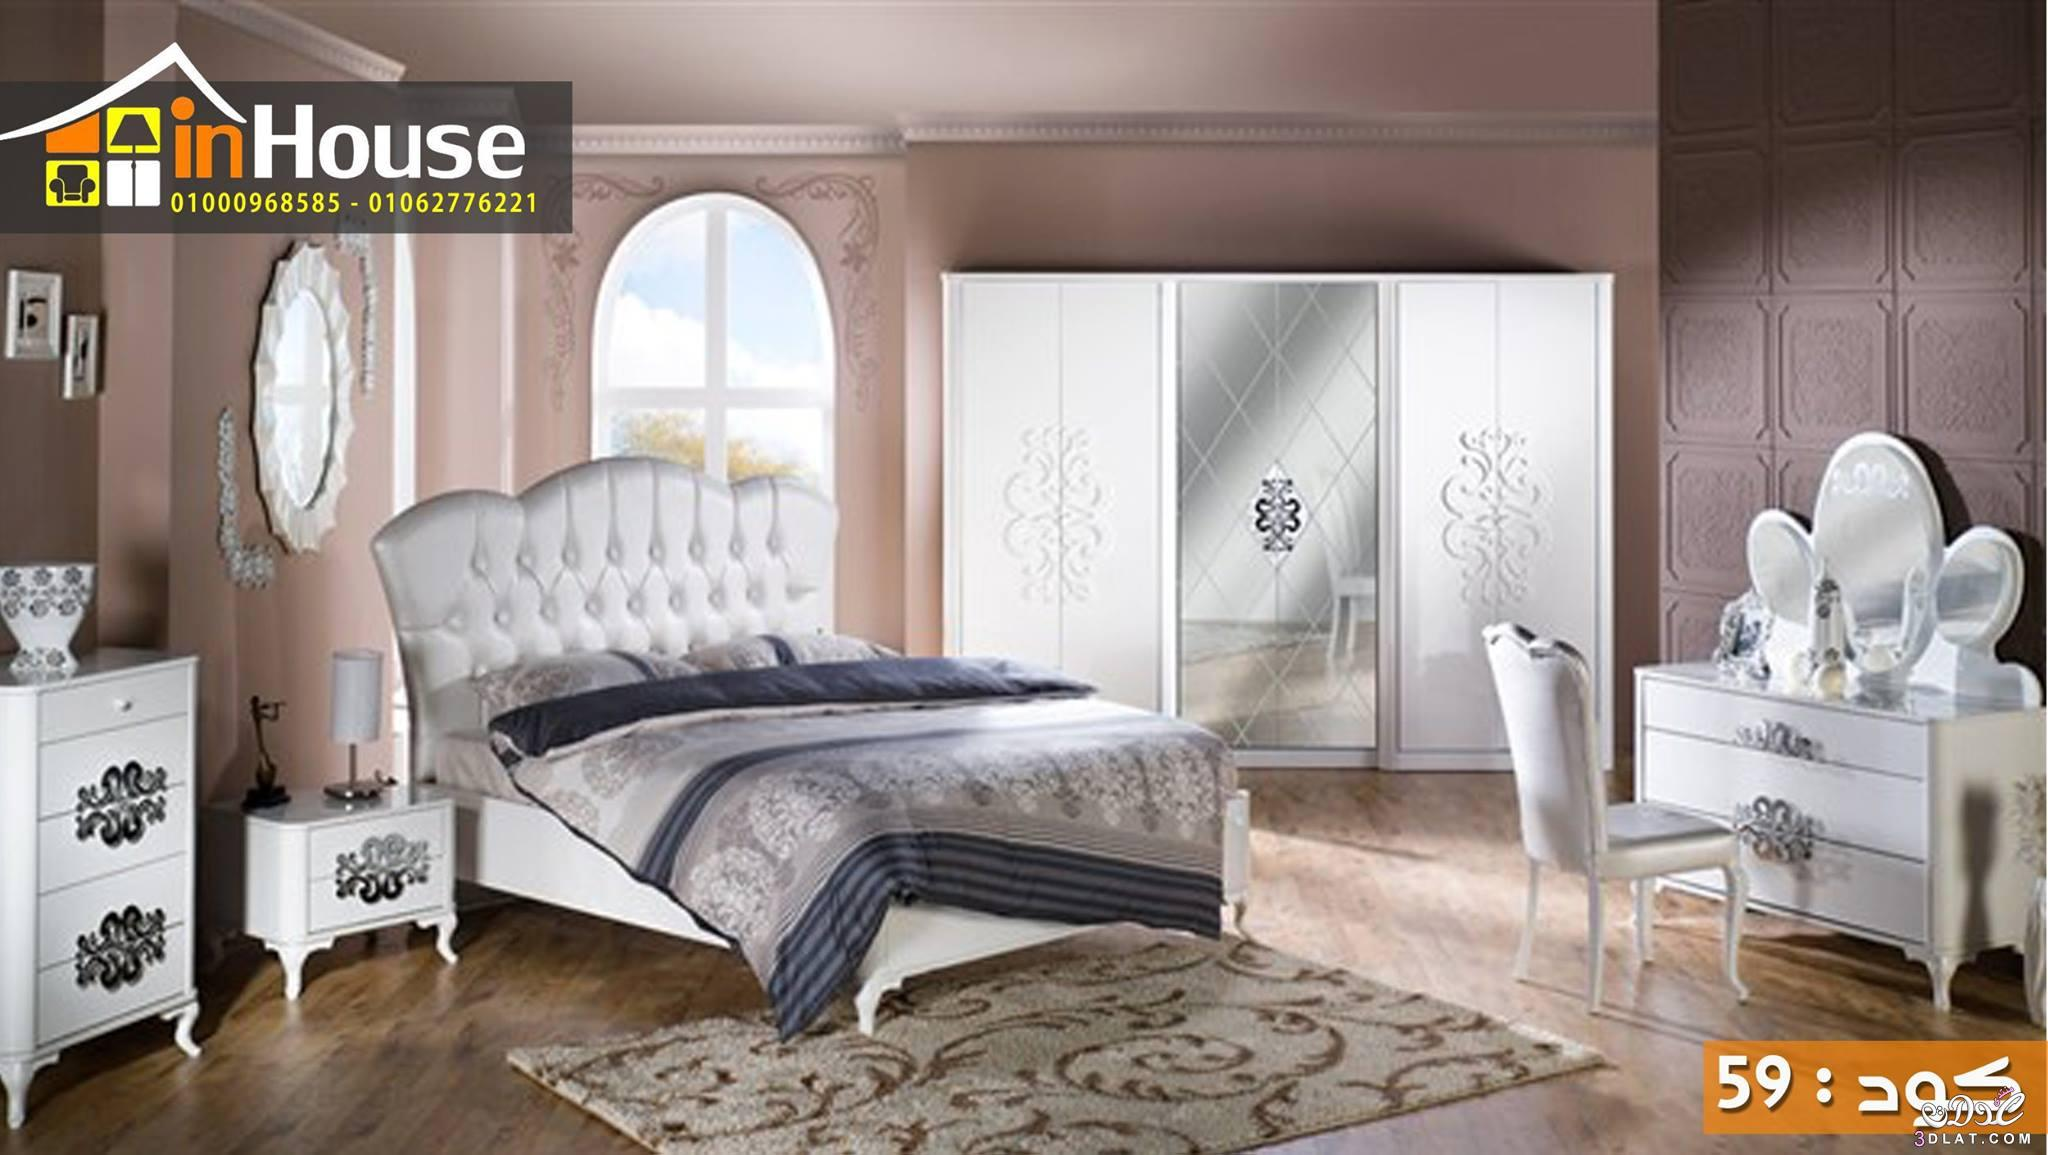 موبليات # غرف نوم # مودرن # ان هاوس # غرف النوم مودرن # سفرة # in